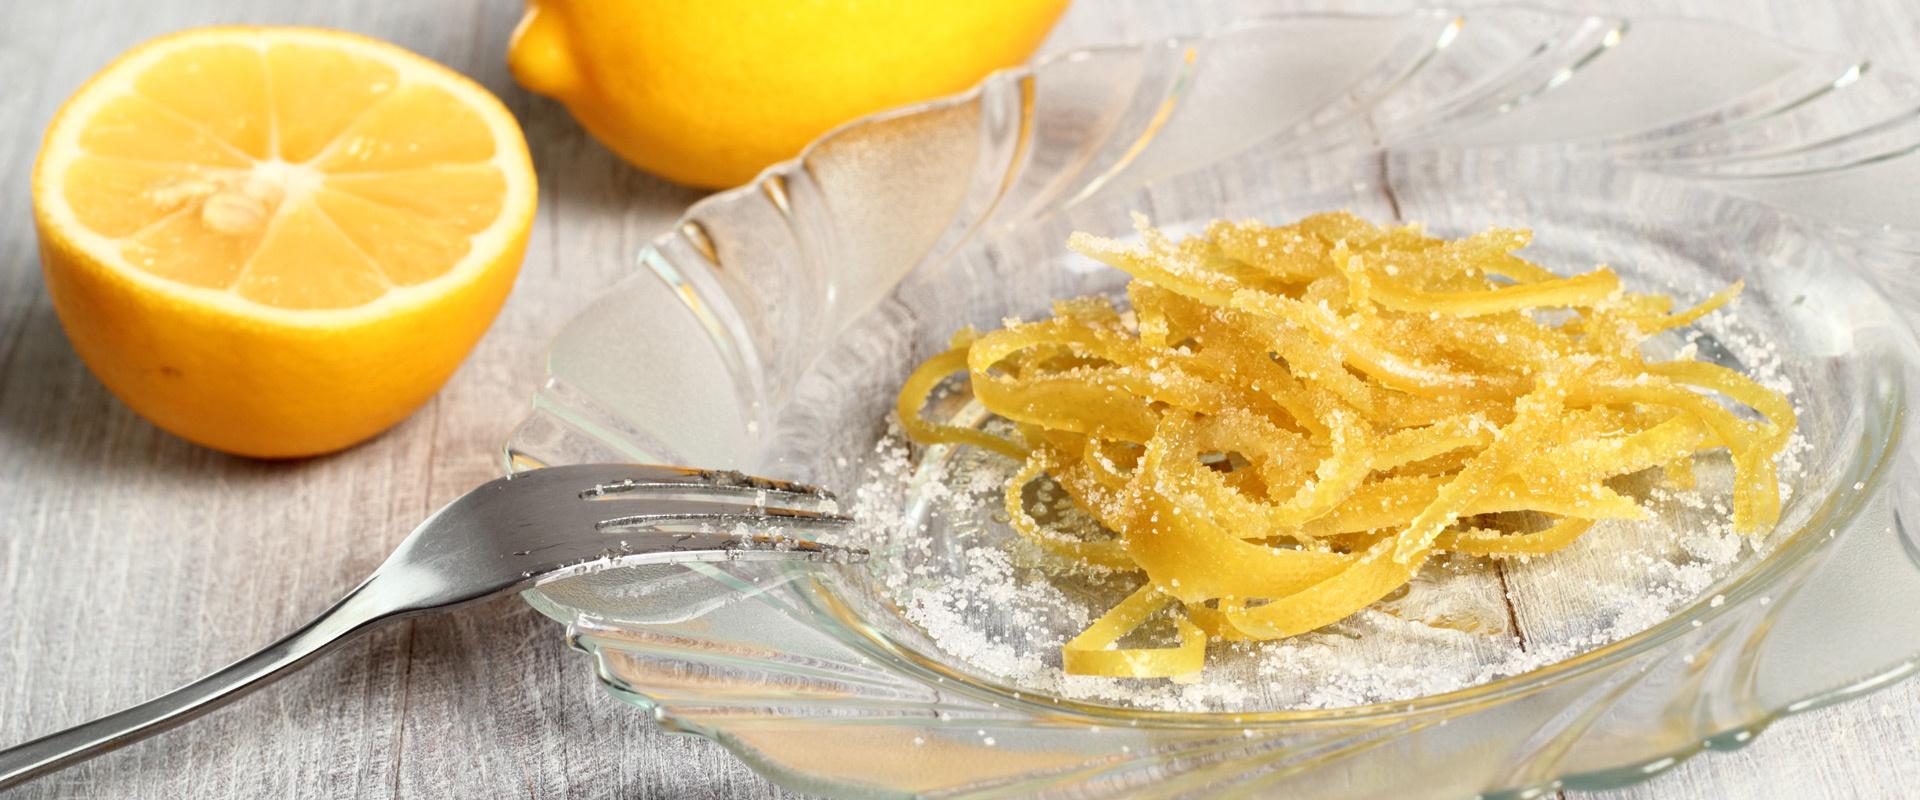 citromtartósítás